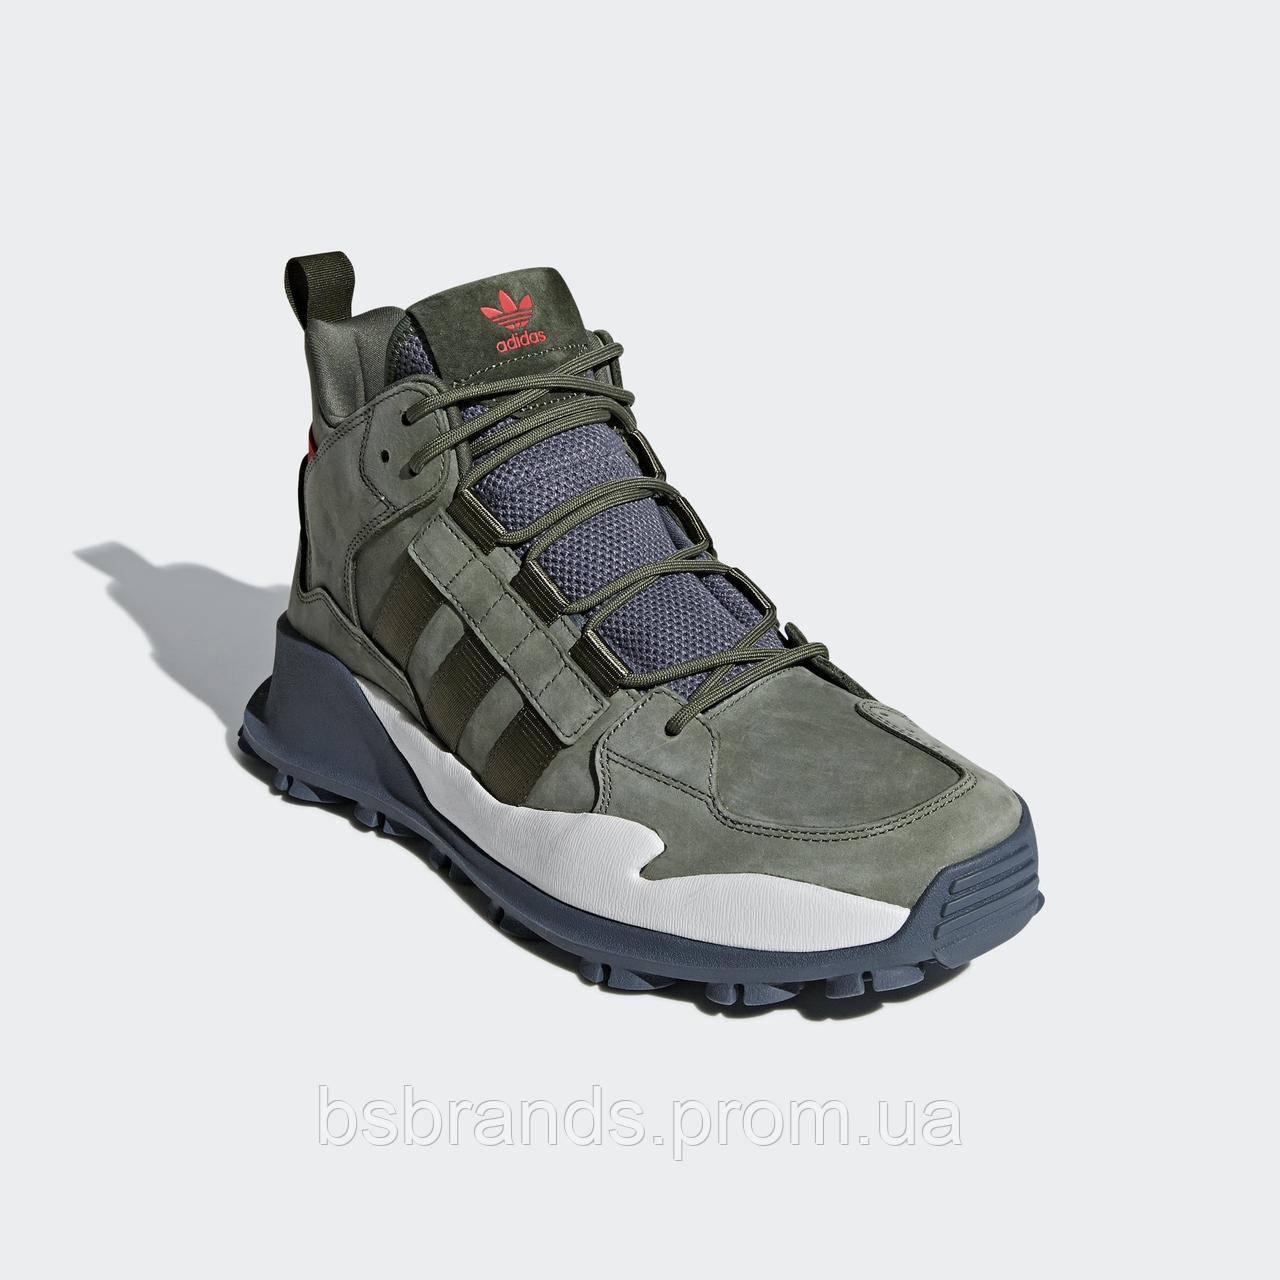 Мужские кроссовки Adidas F 1.3 LE - «BestSportBrands» – Лучший Спортивный  Мультибрендовый интернет 066409e24536b